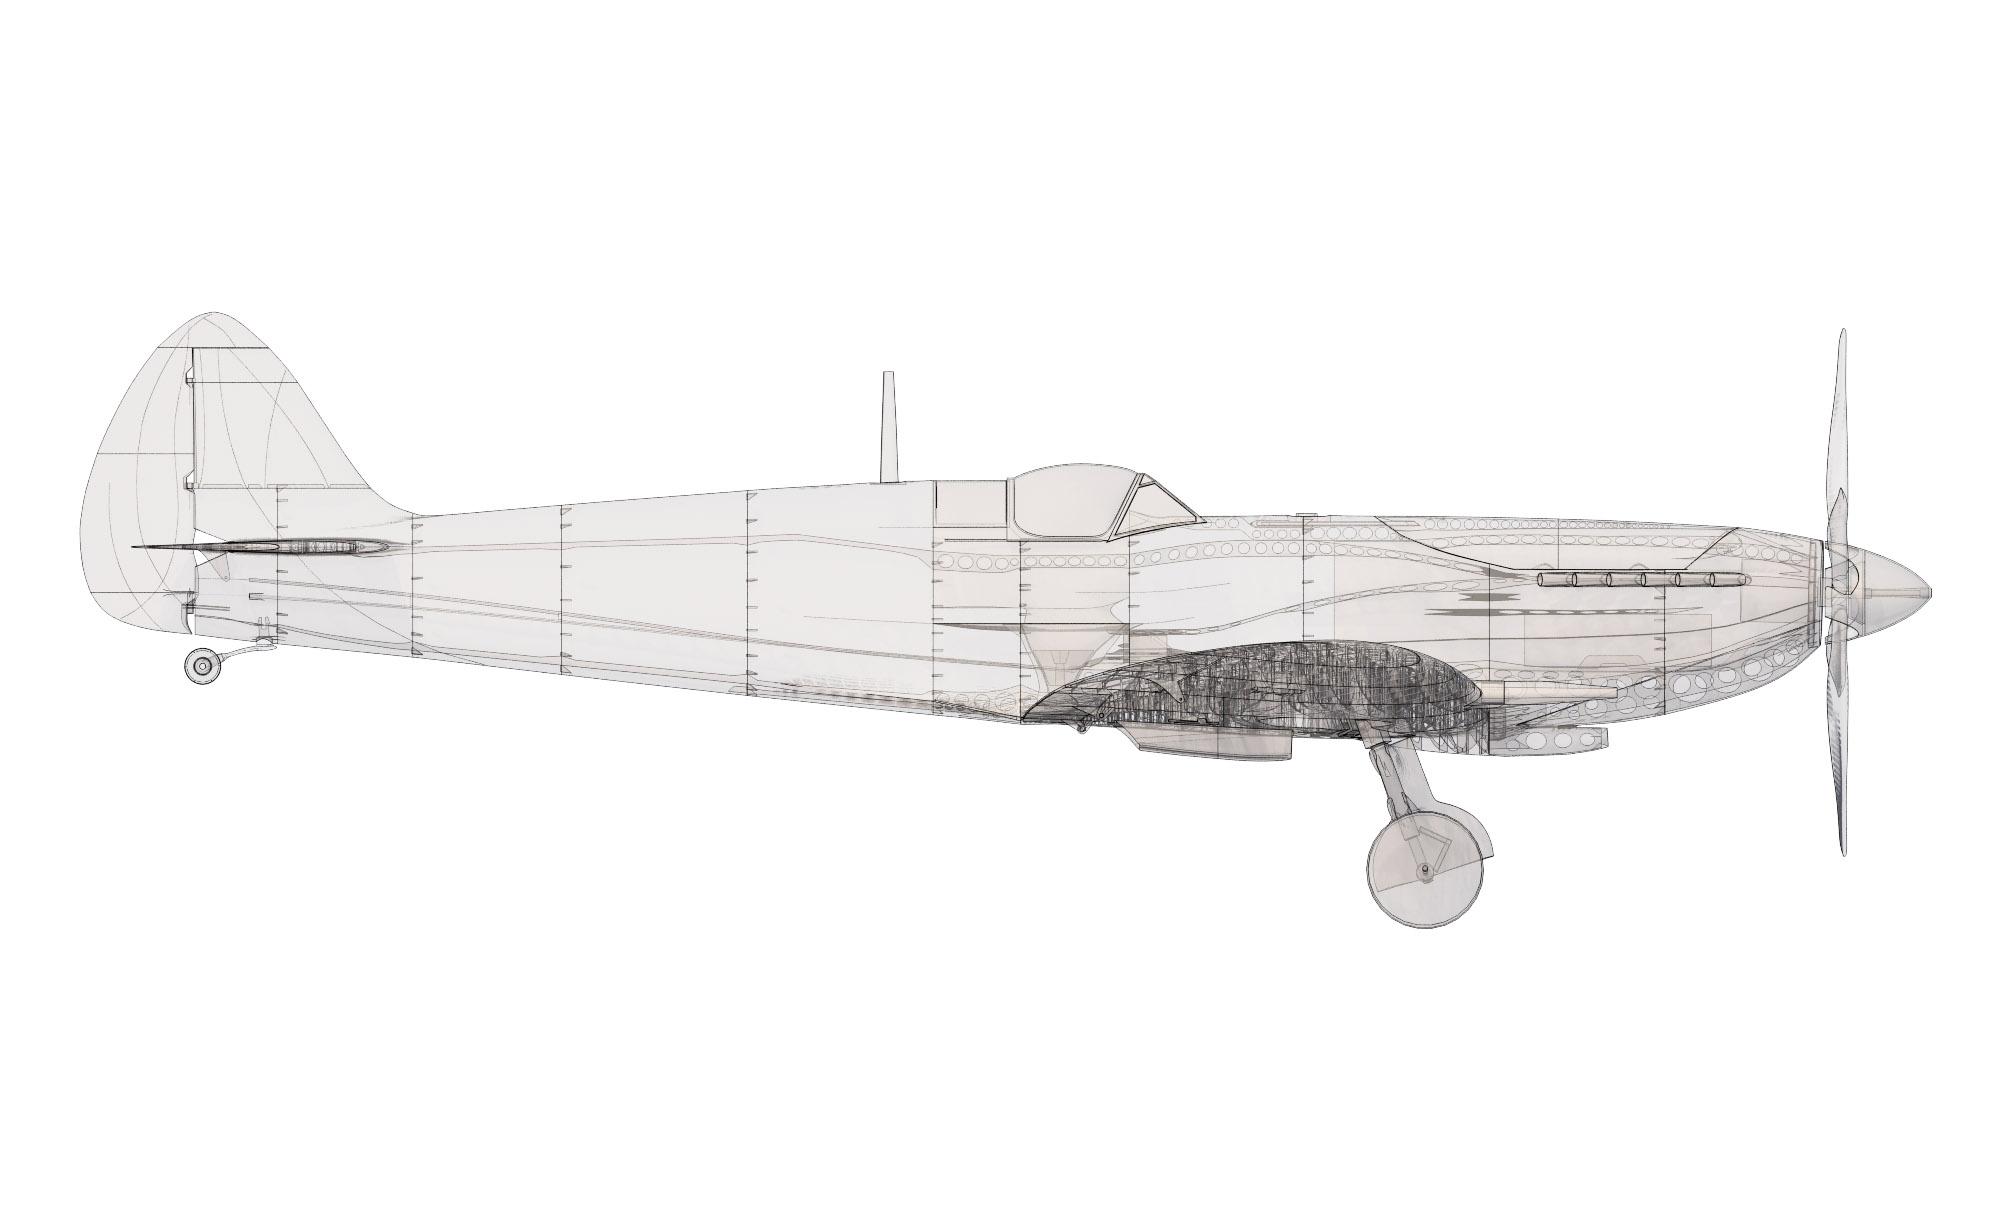 spitfire_MkIX_side_02